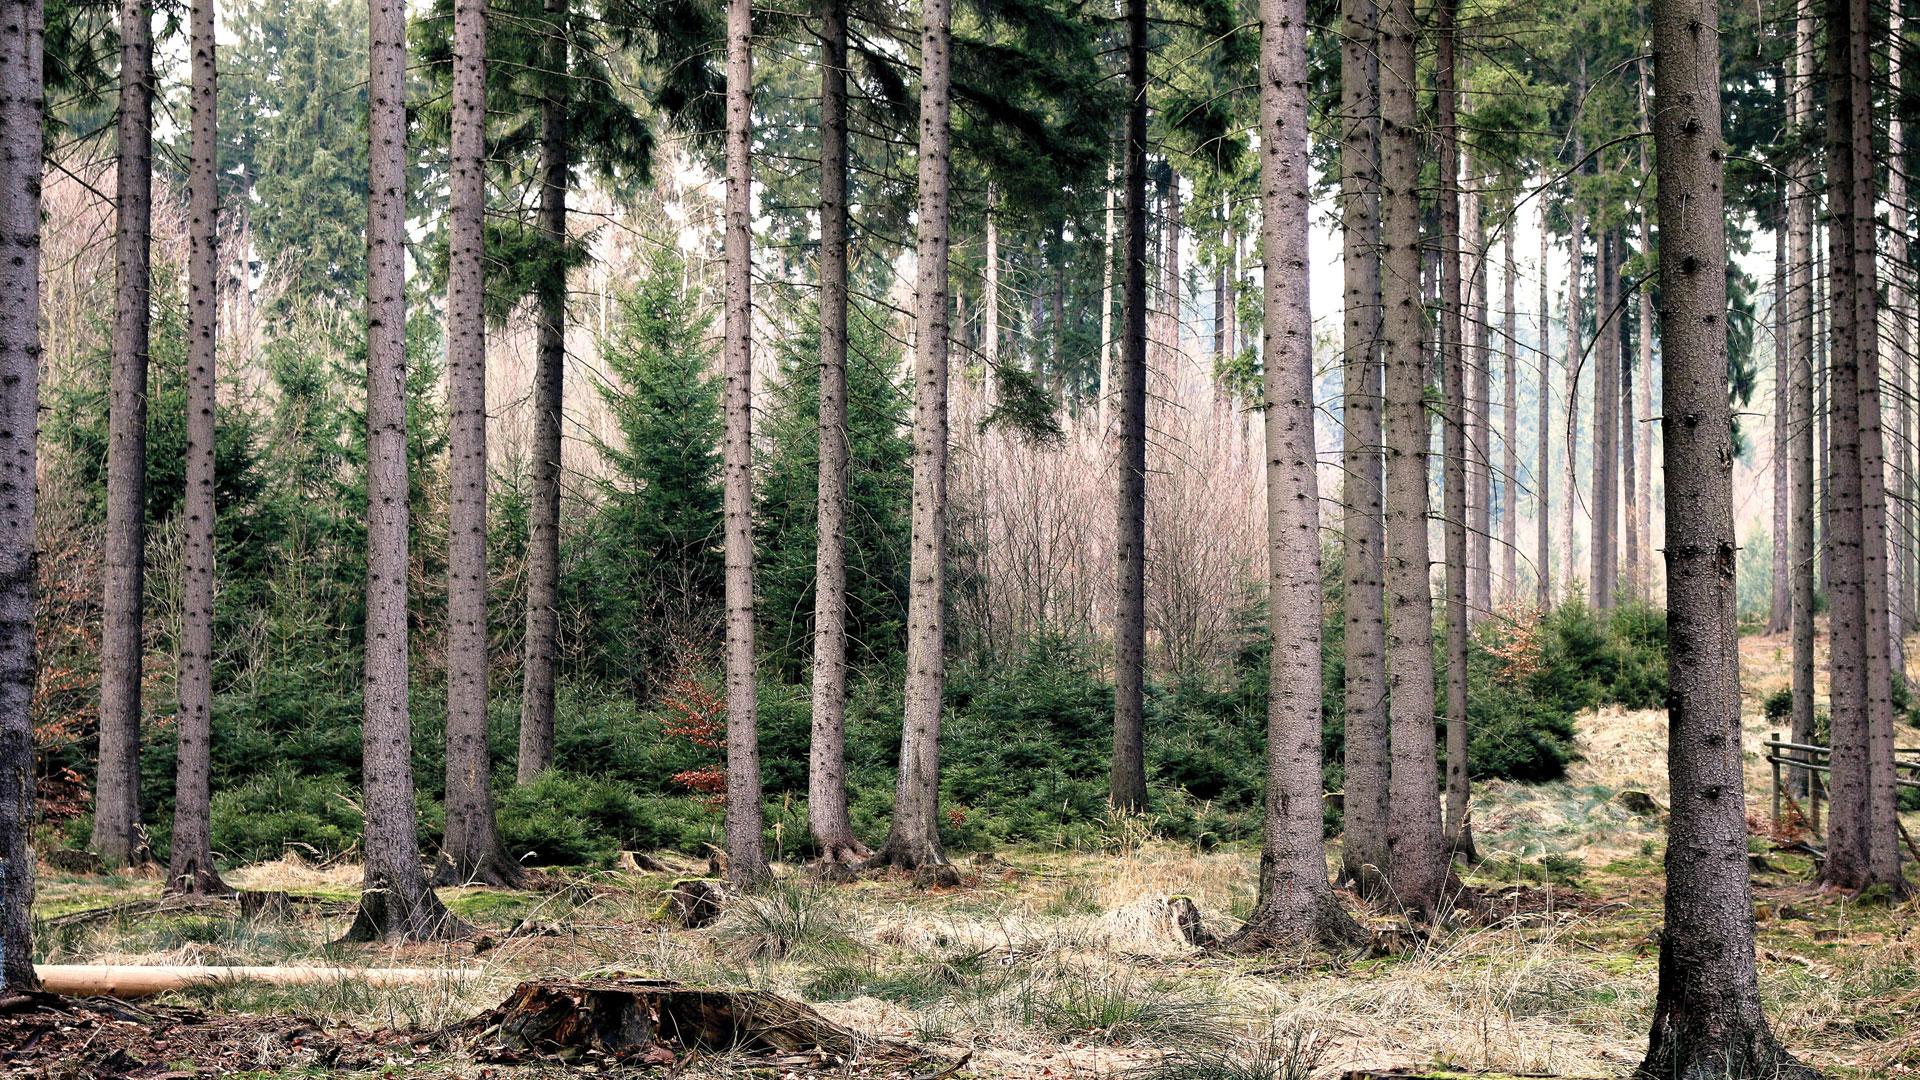 SAVED 14.6 MILLION TREES